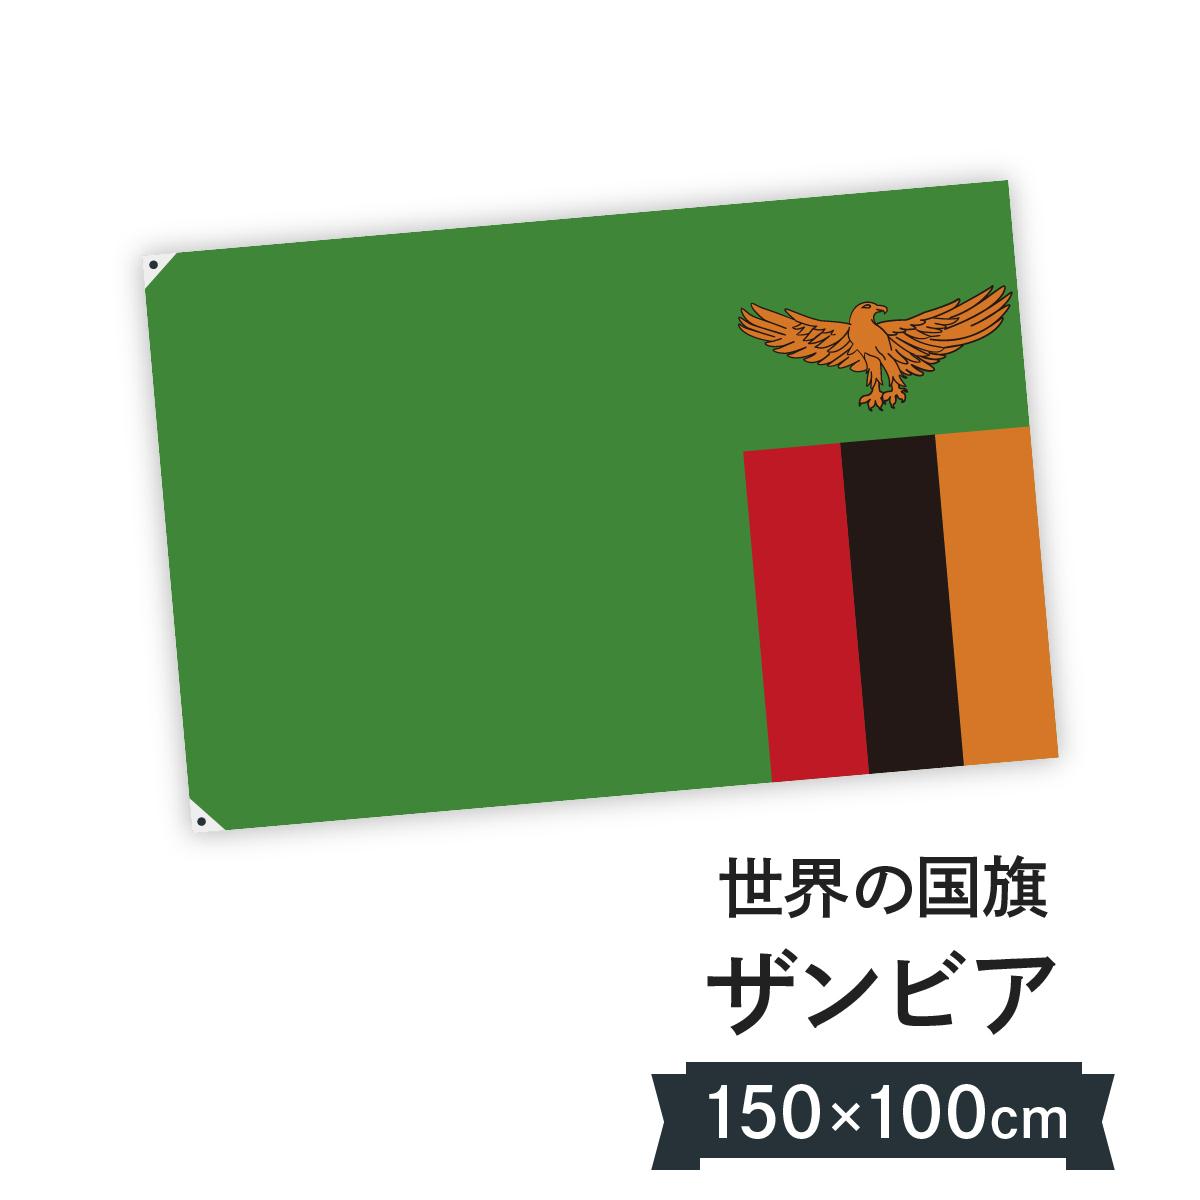 ザンビア共和国 国旗 W150cm H100cm